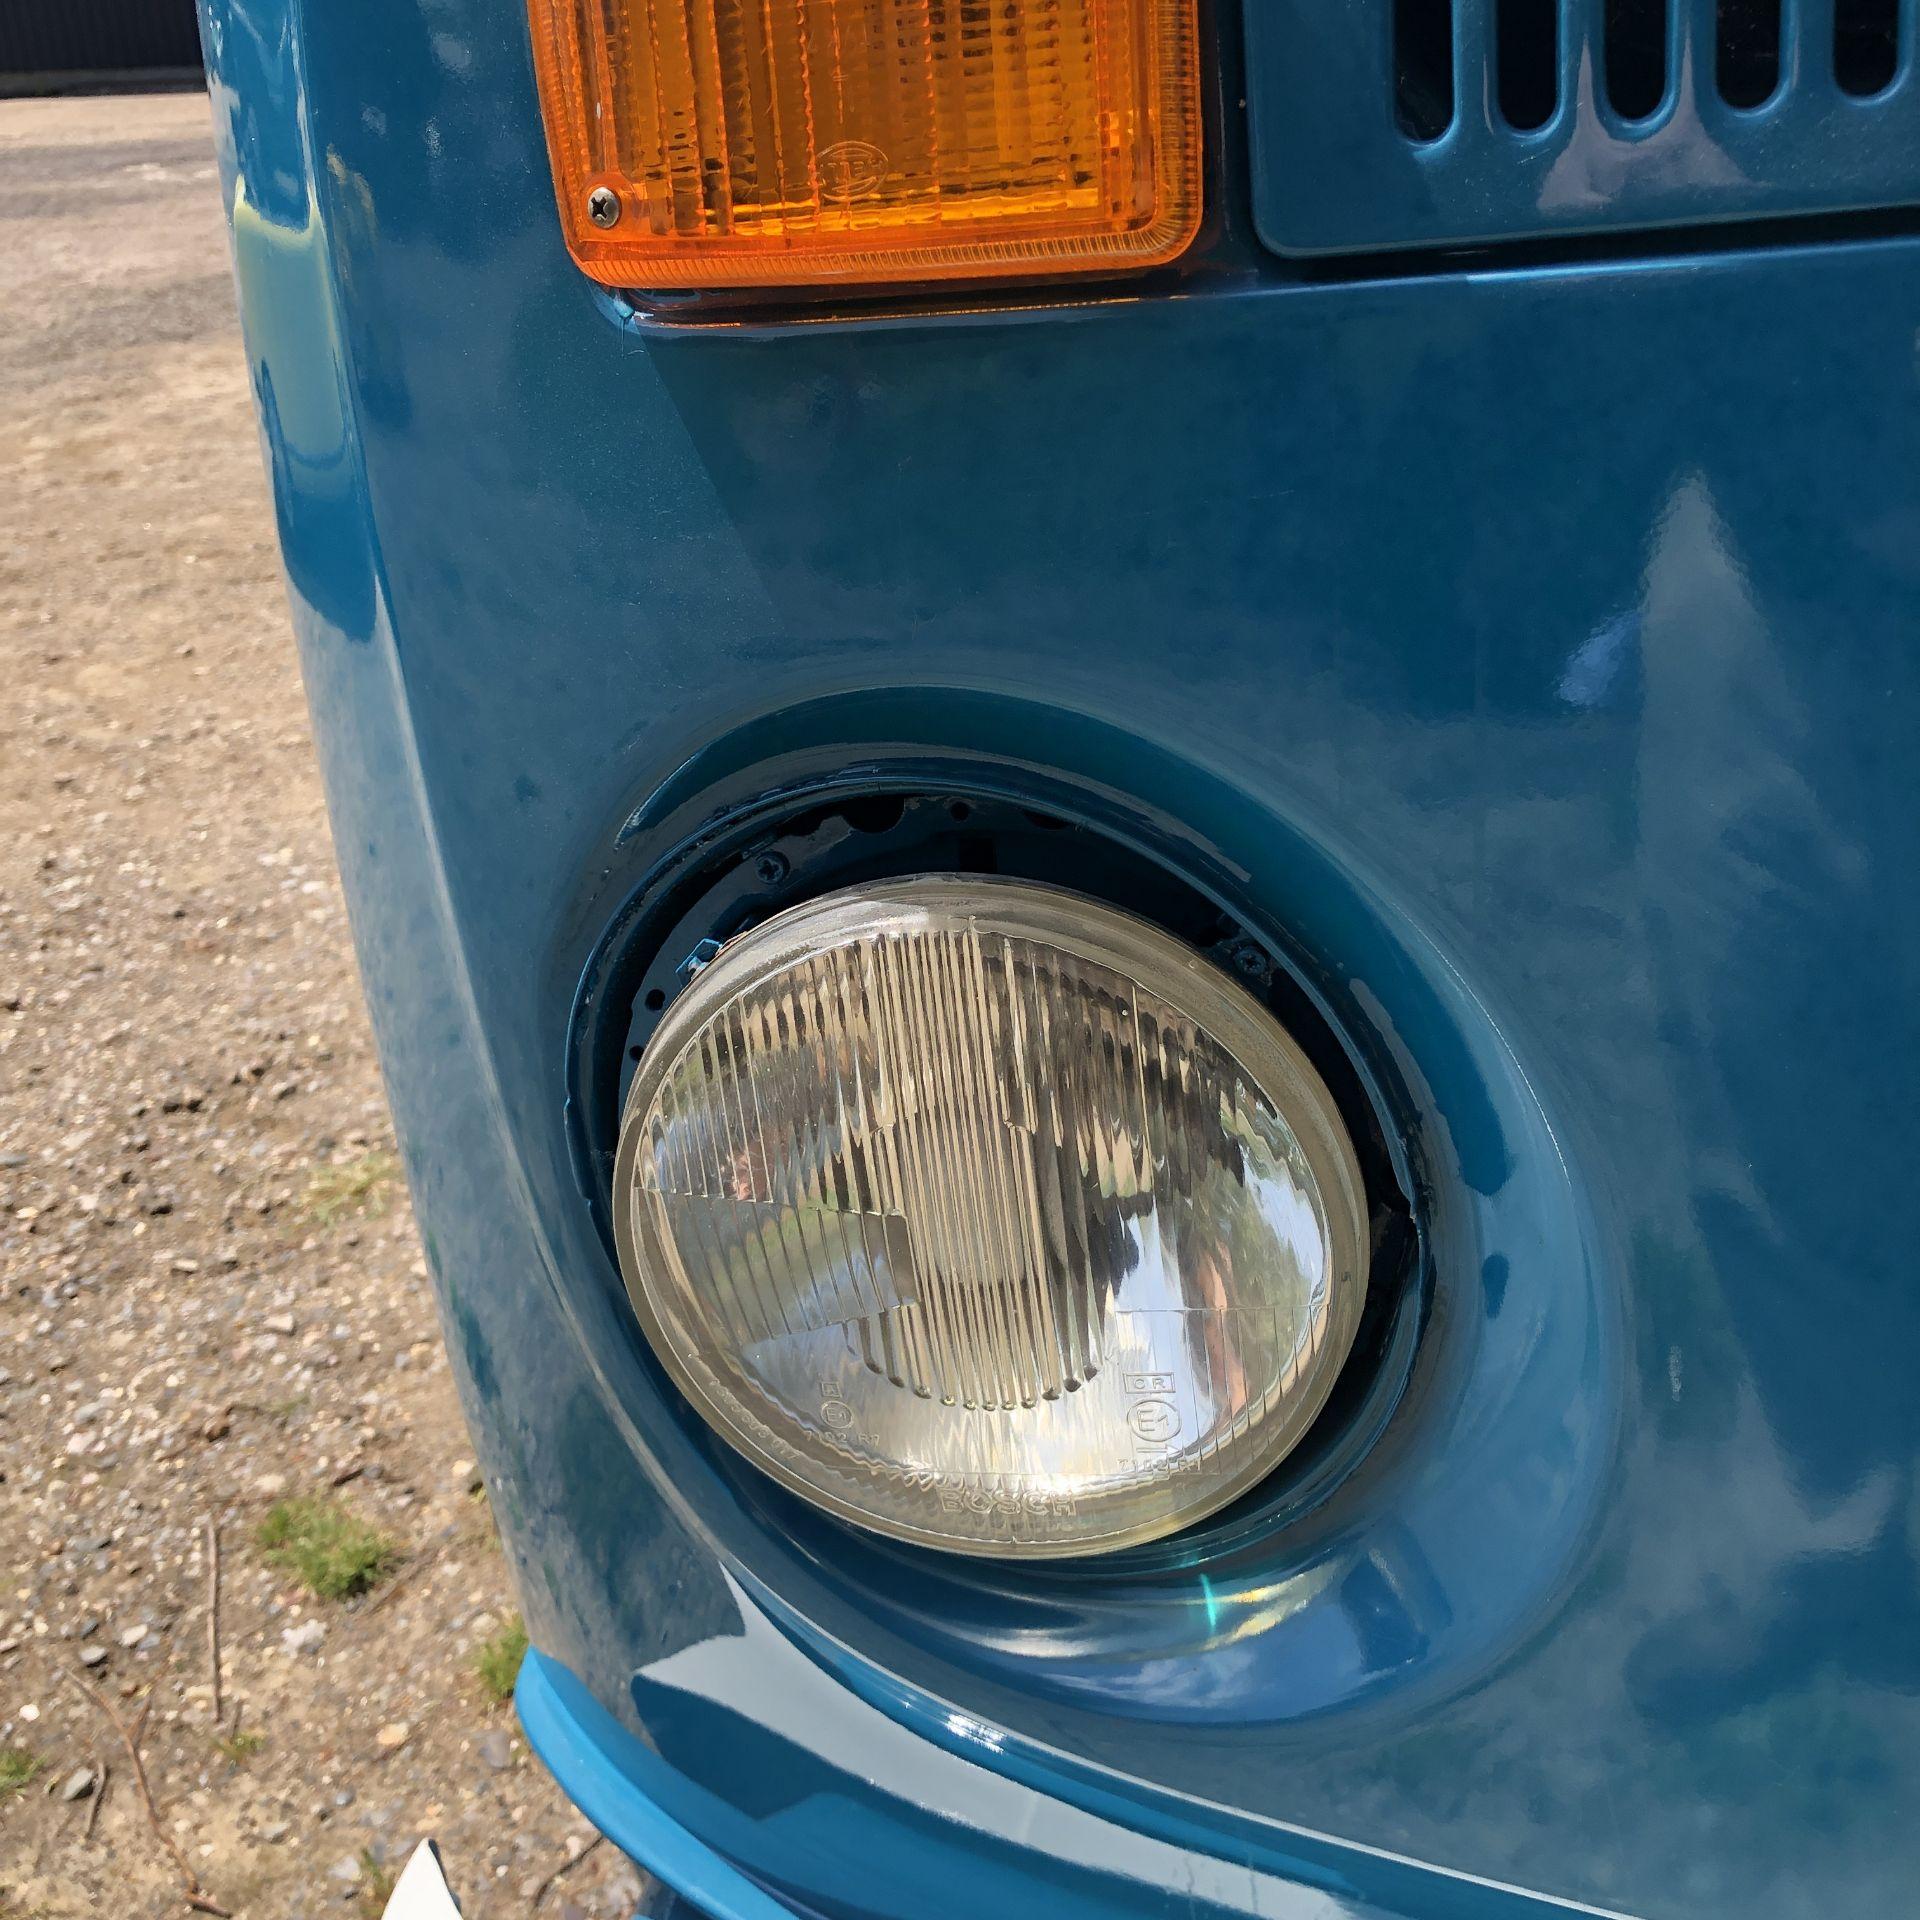 VW Microbus 8 Seater Caravanette Devon - 'Mr Blue' Petrol, Registration UMH 420S, First Registered - Image 37 of 47